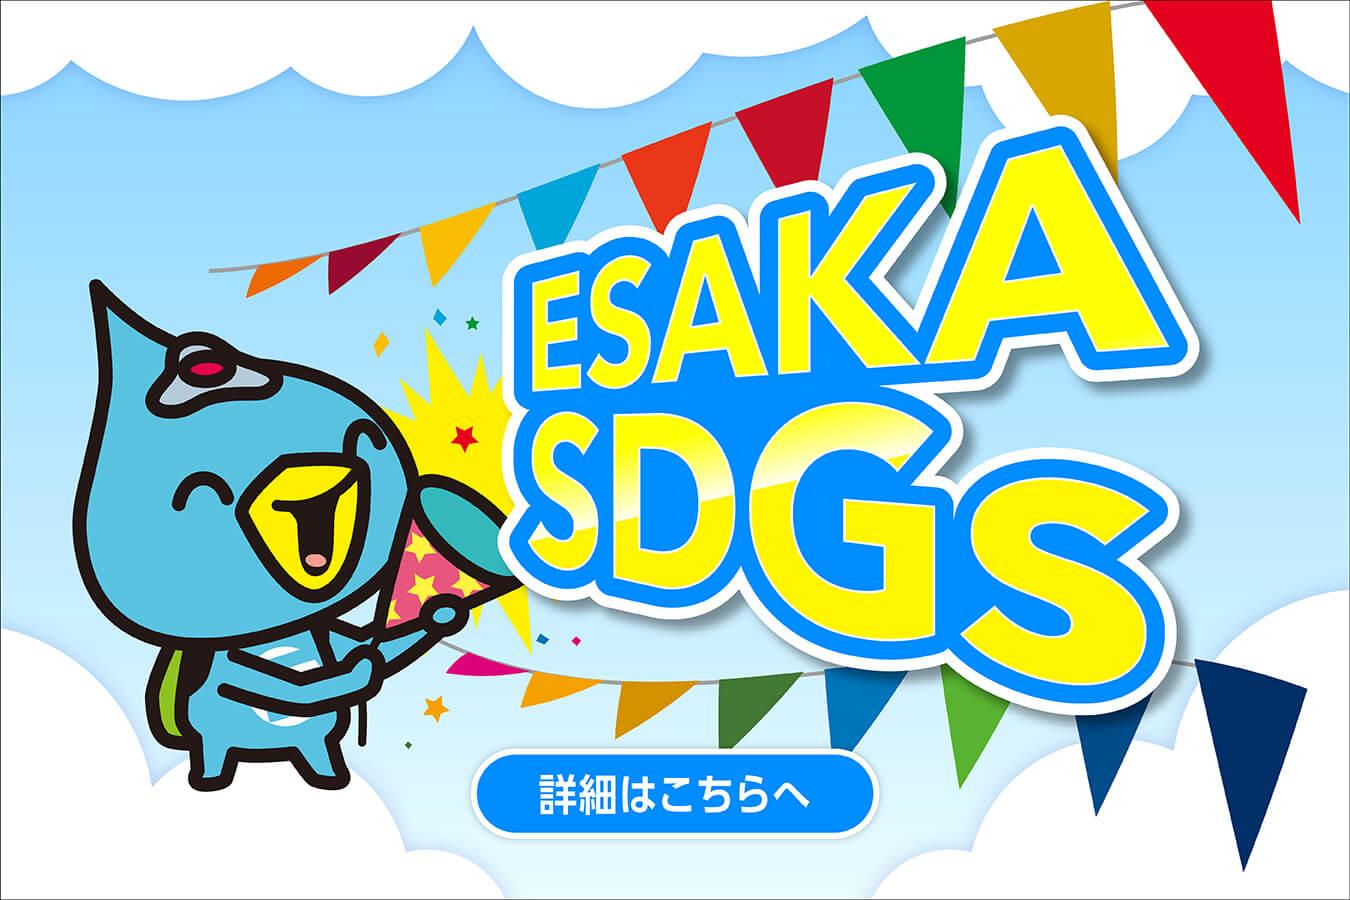 ESAKA SDGs